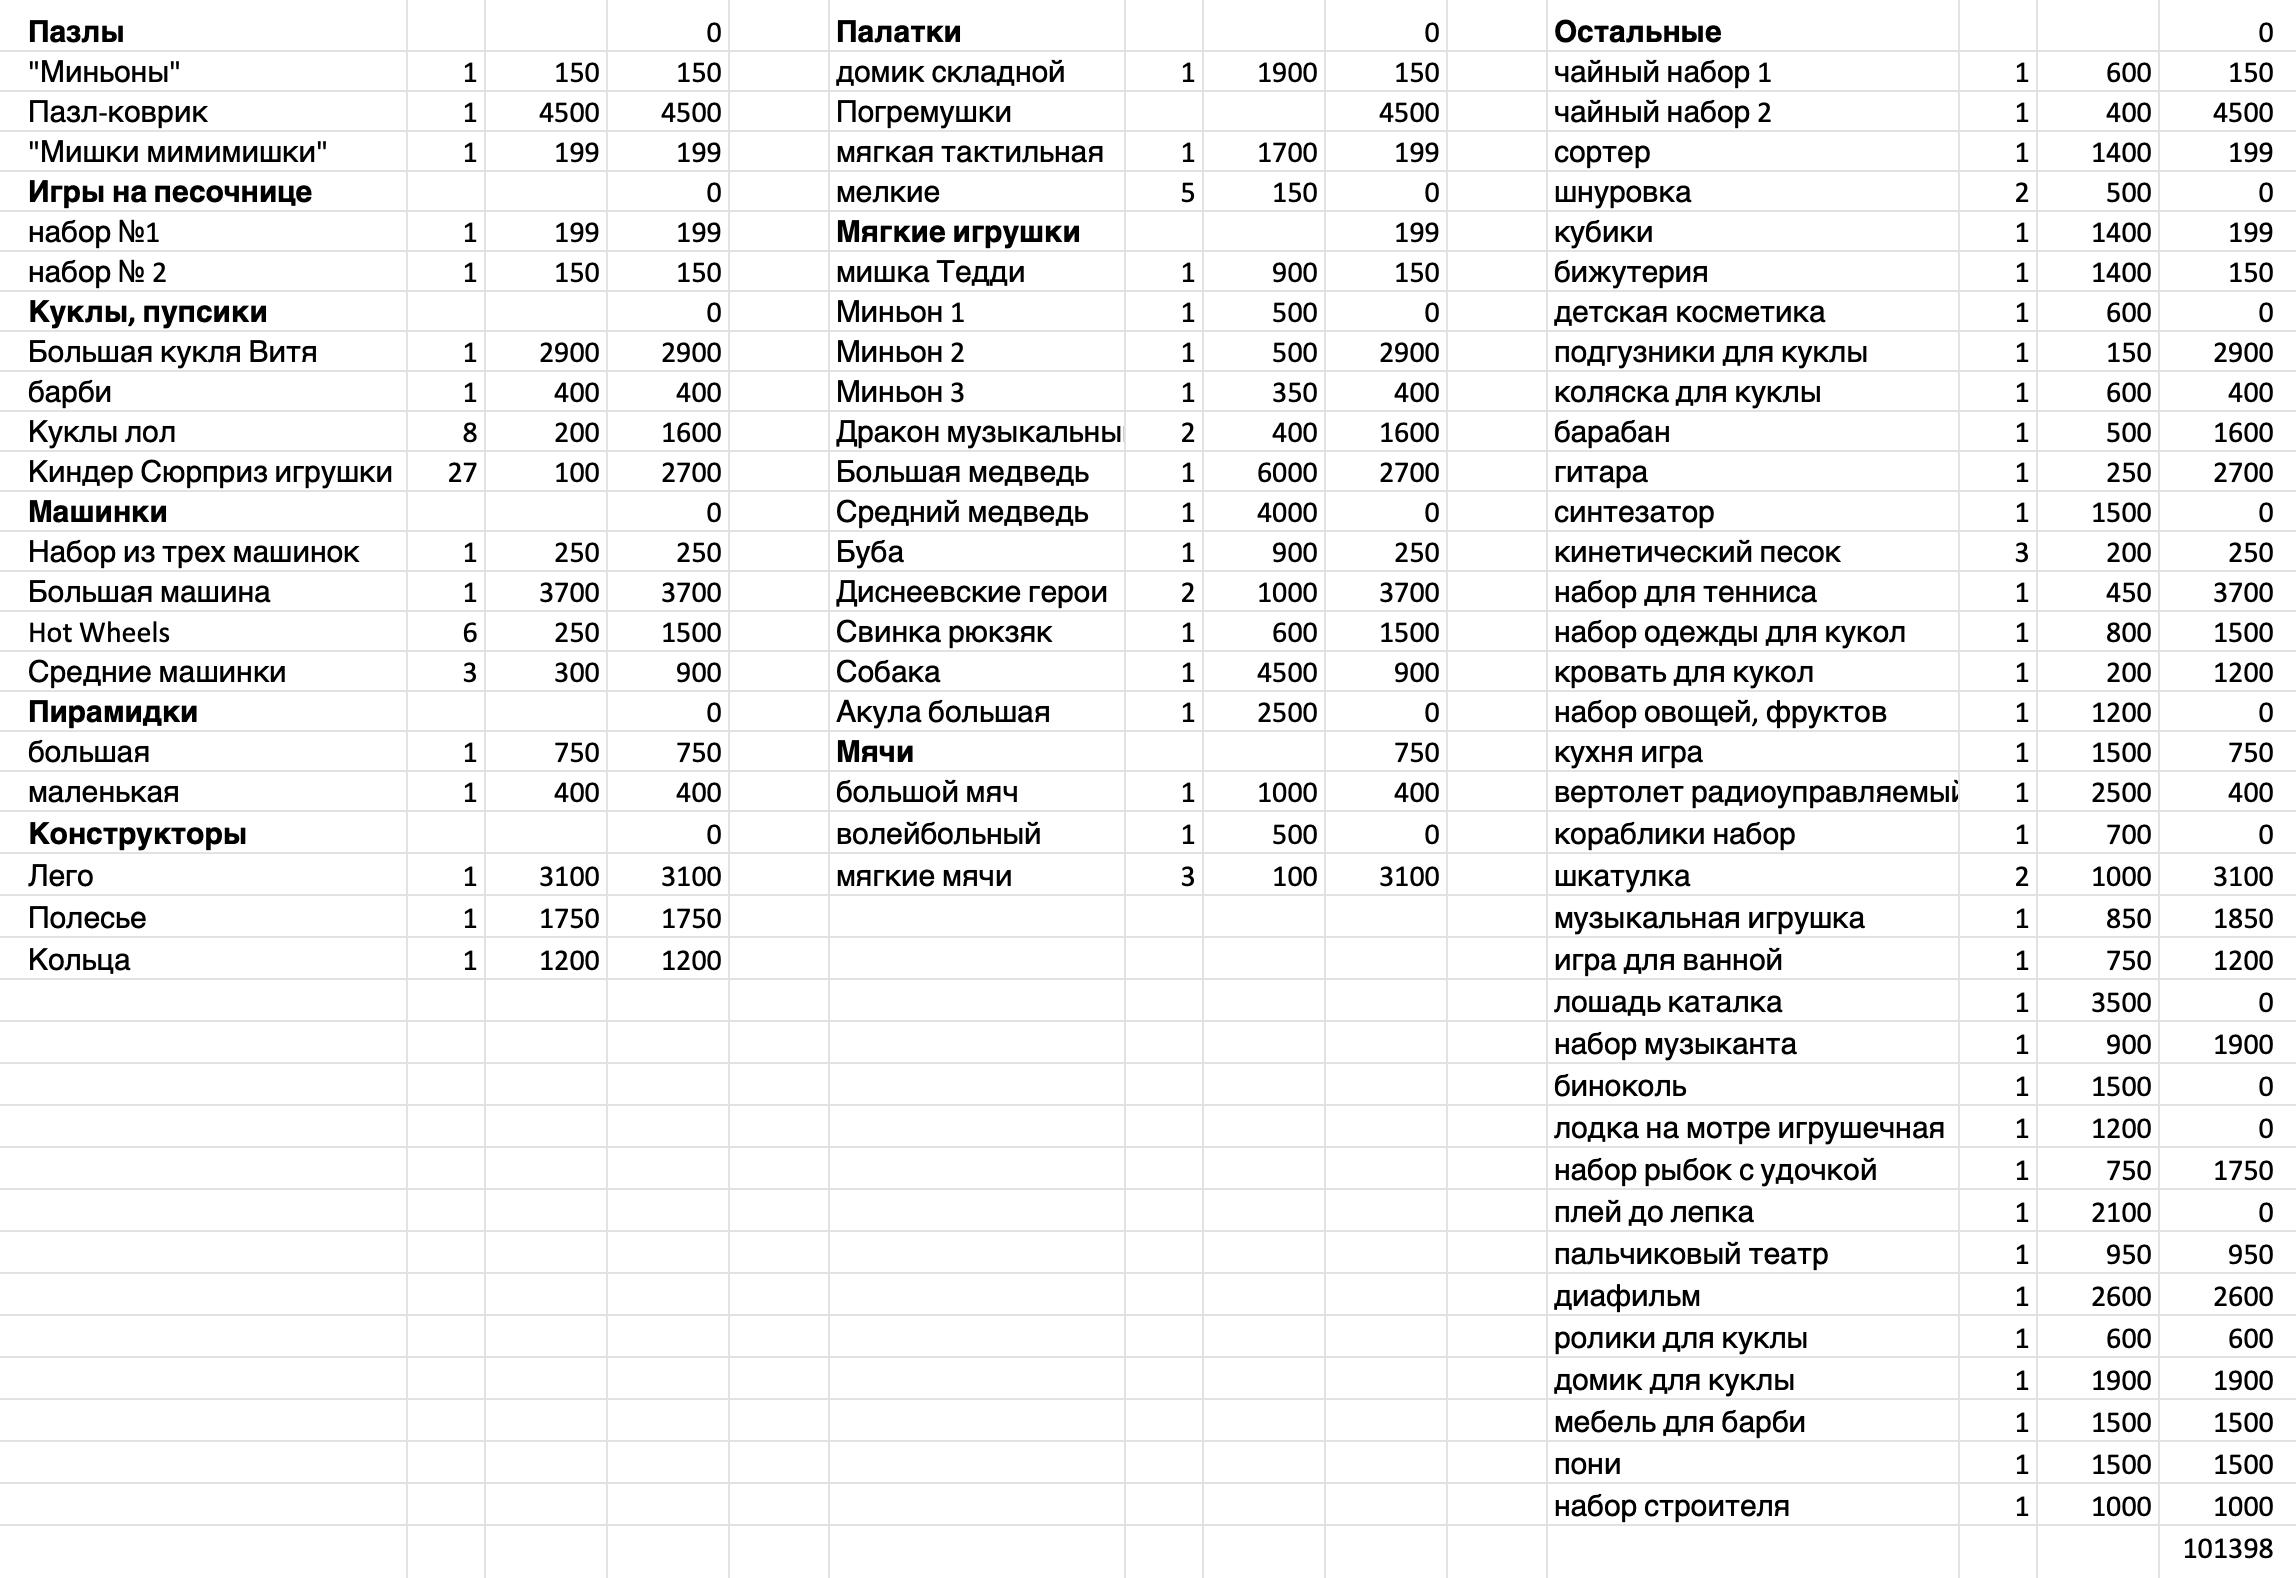 Список игрушек с ценами, который я составила